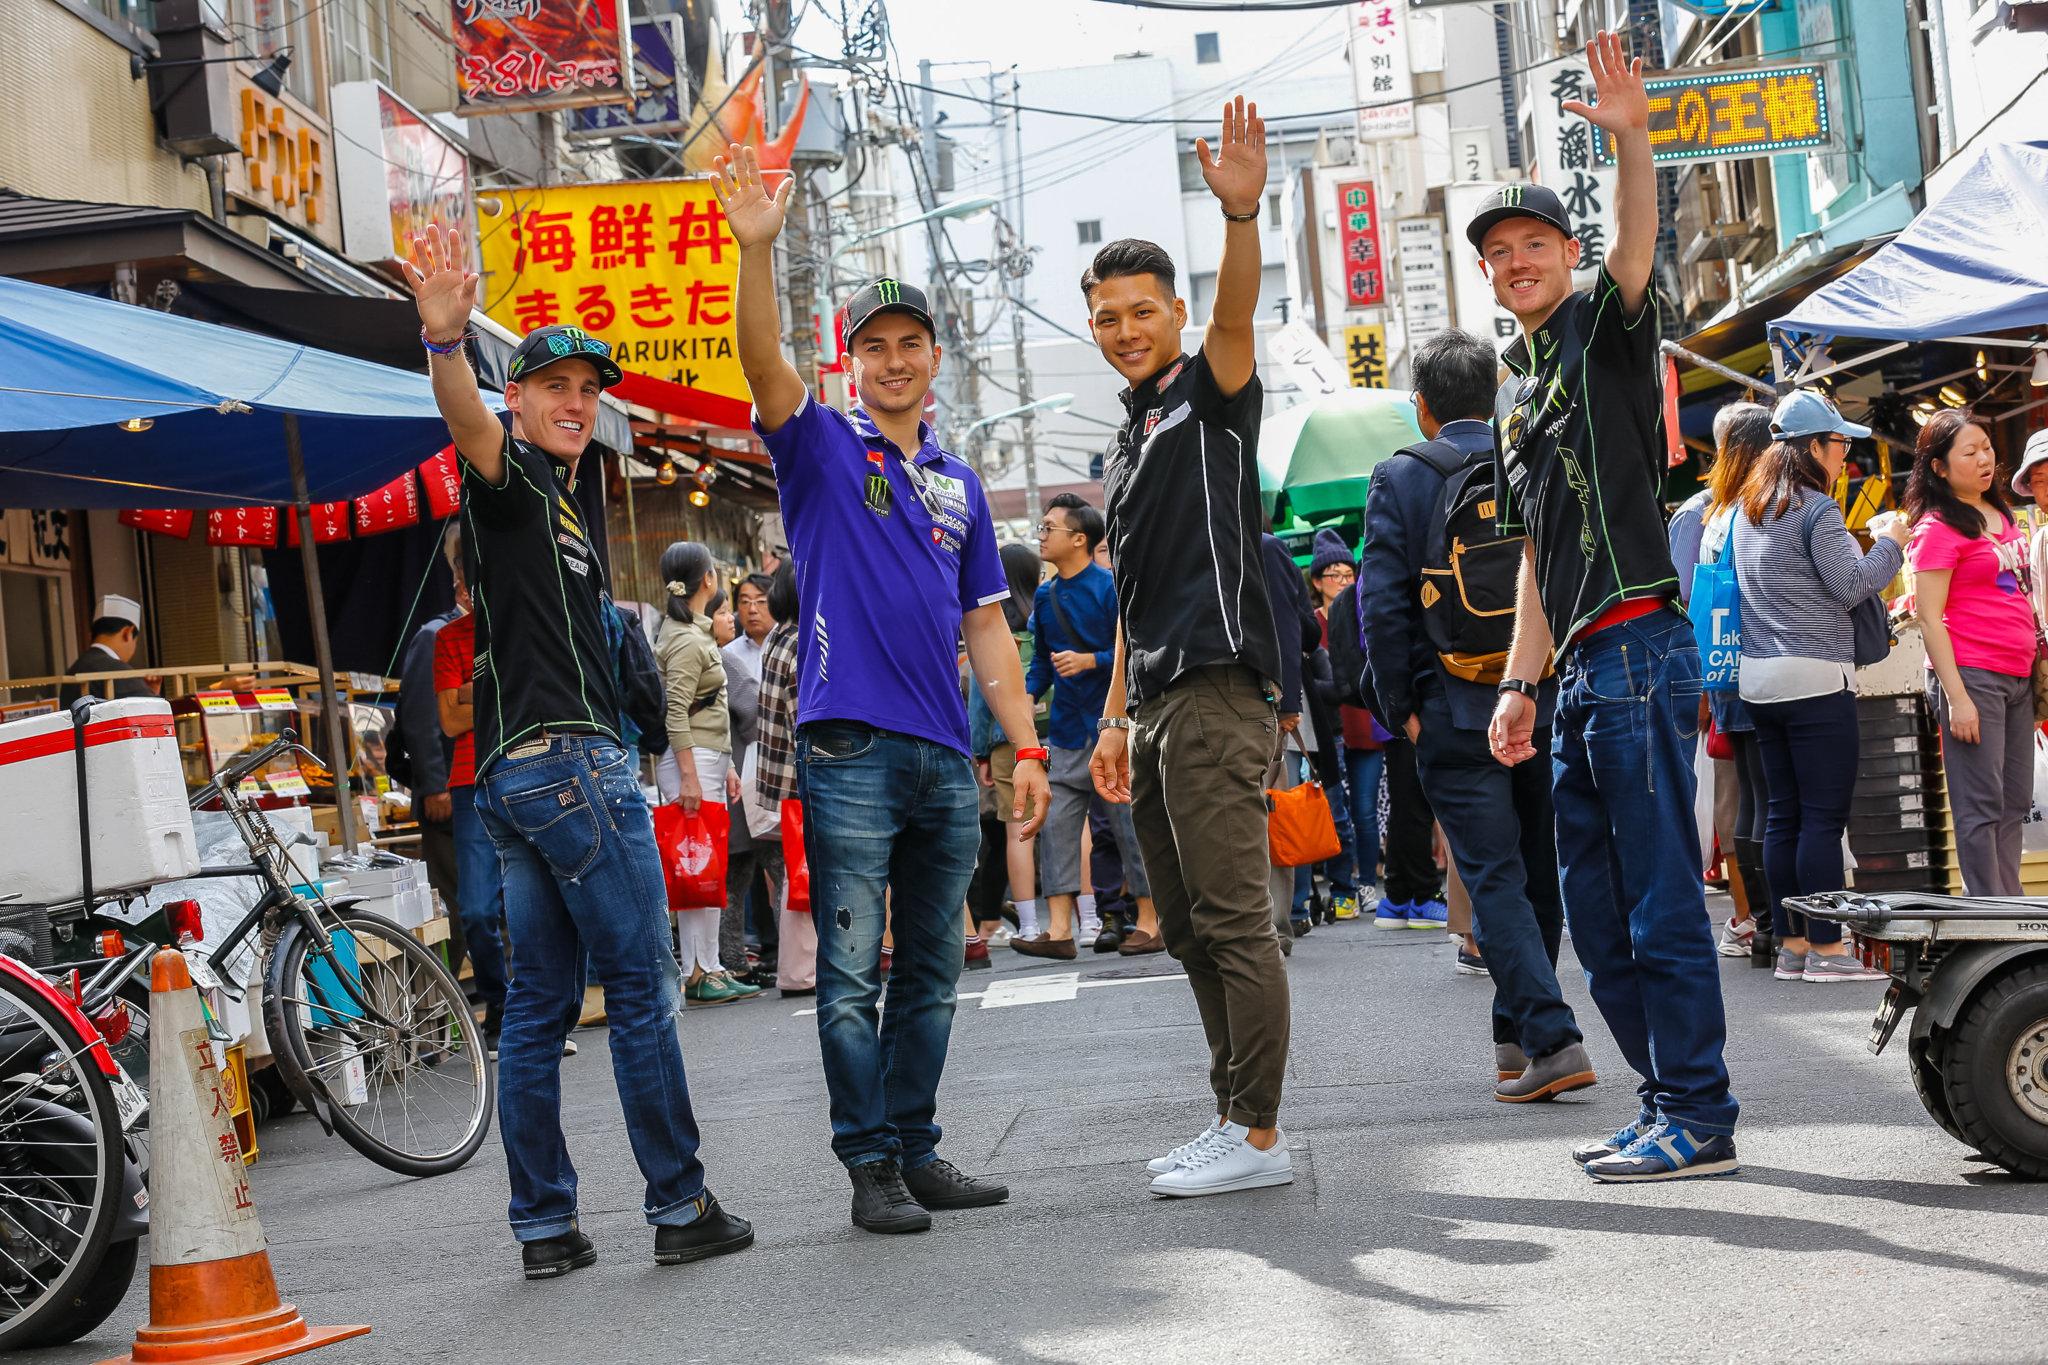 Espargaró, Lorenzo, Nakagami y Bradley Smith, en un mercado de Tokio.